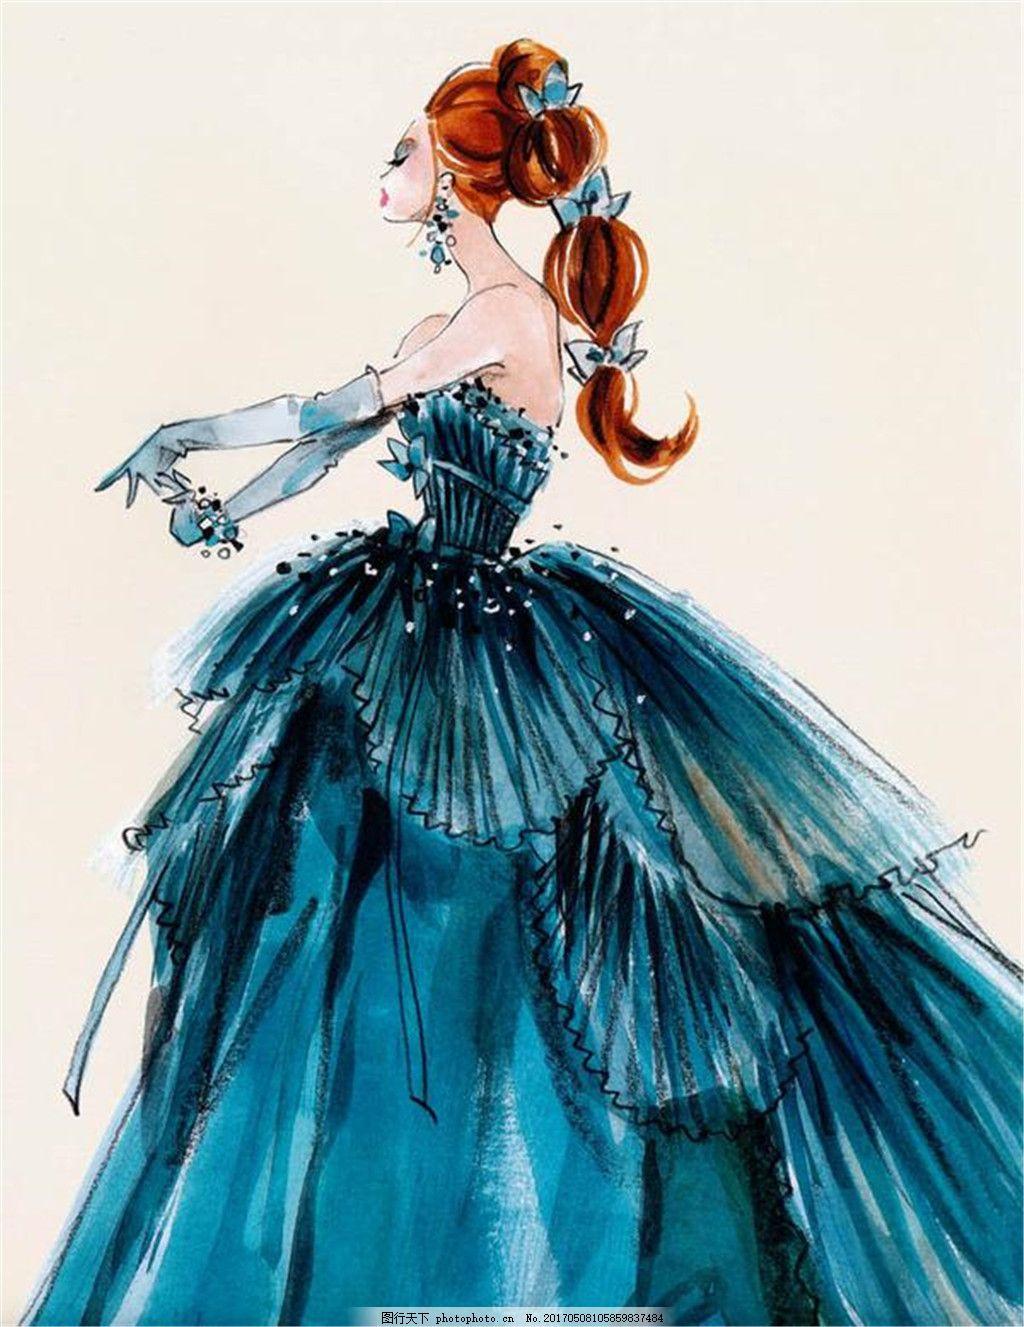 蓝色抹胸礼服设计图 时尚女装 职业女装 女装设计效果图 短裙 服装